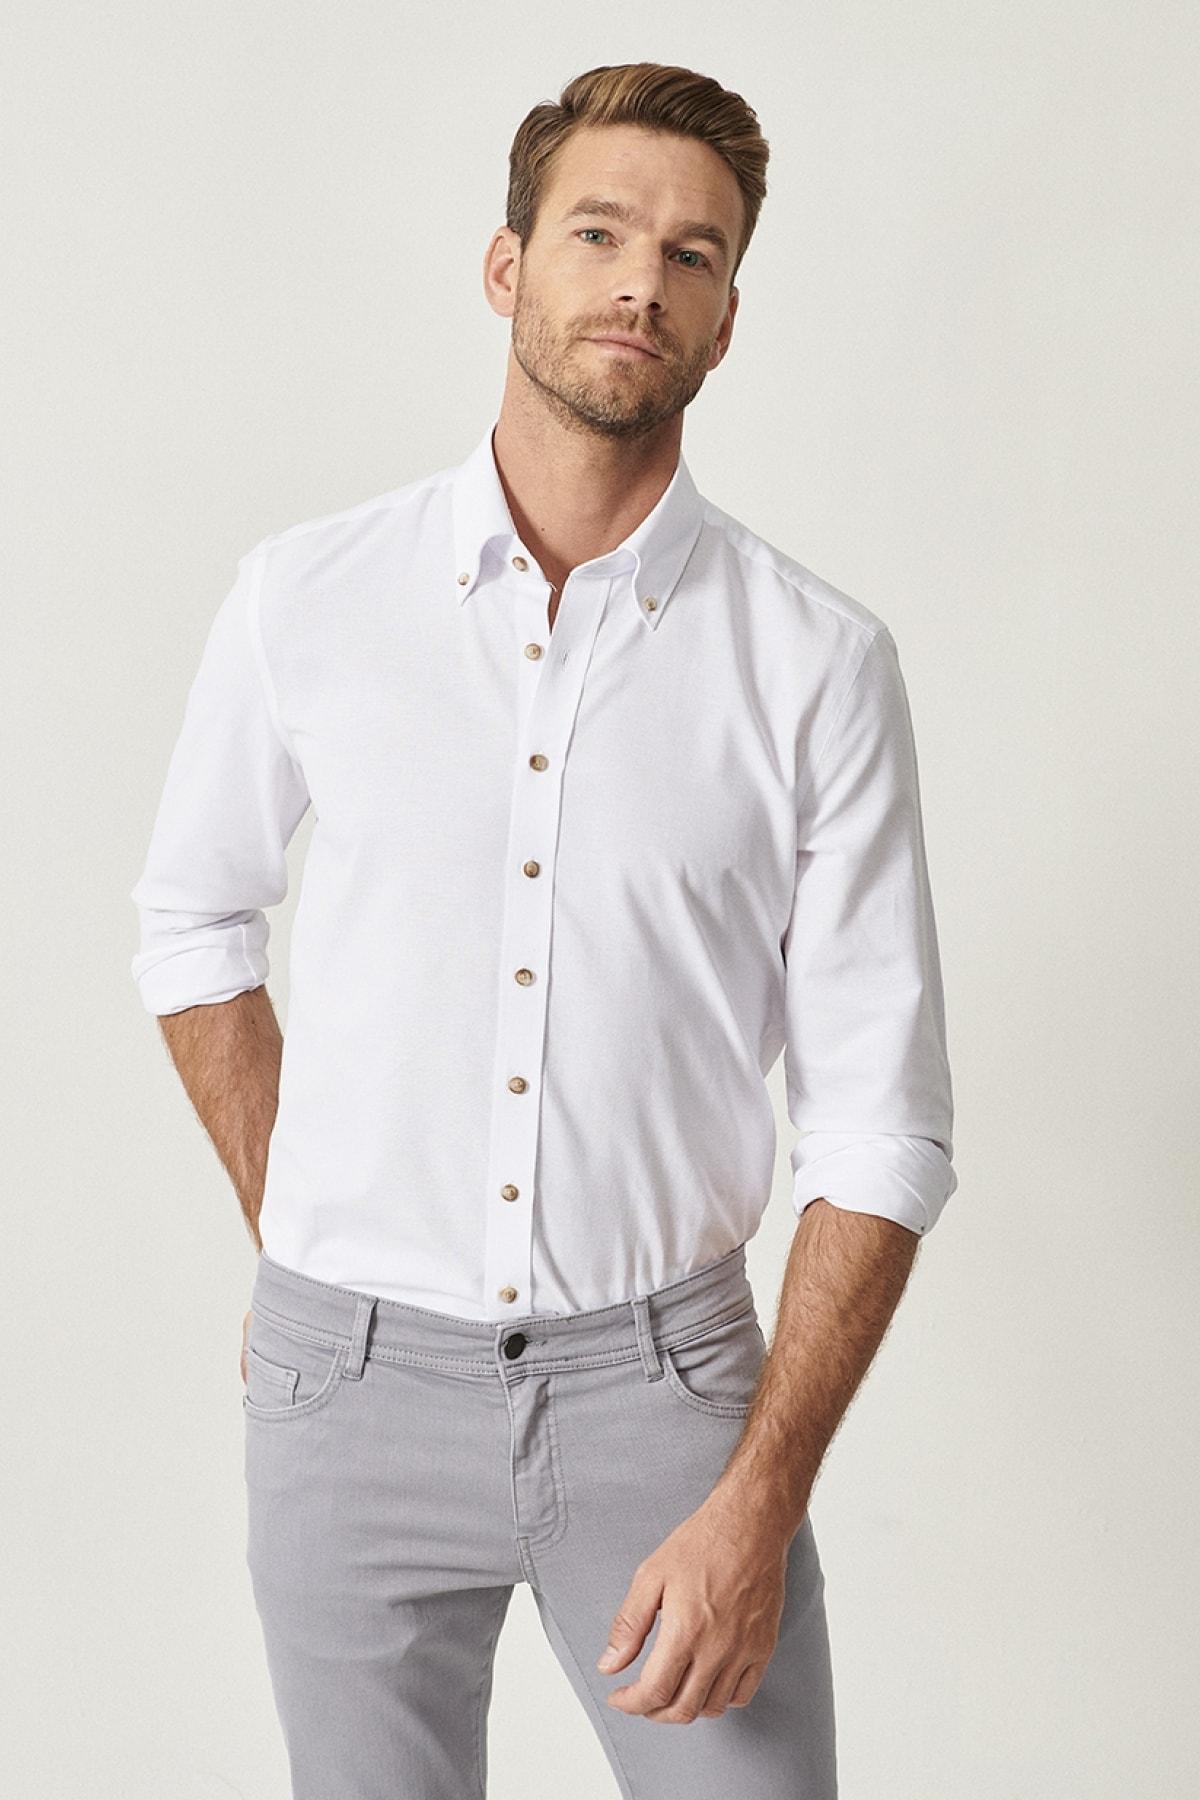 AC&Co / Altınyıldız Classics Erkek Beyaz Düğmeli Yaka Tailored Slim Fit Oxford Gömlek 2